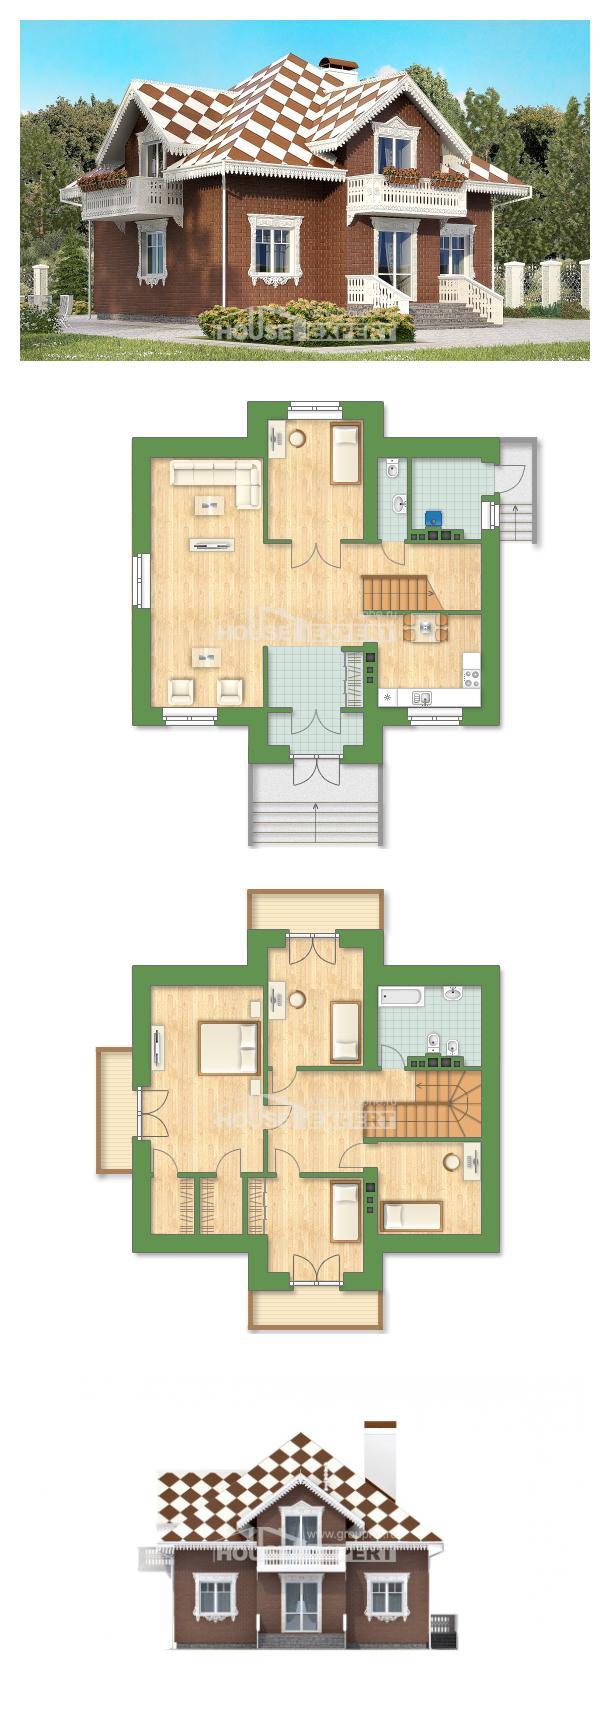 房子的设计 155-003-L | House Expert